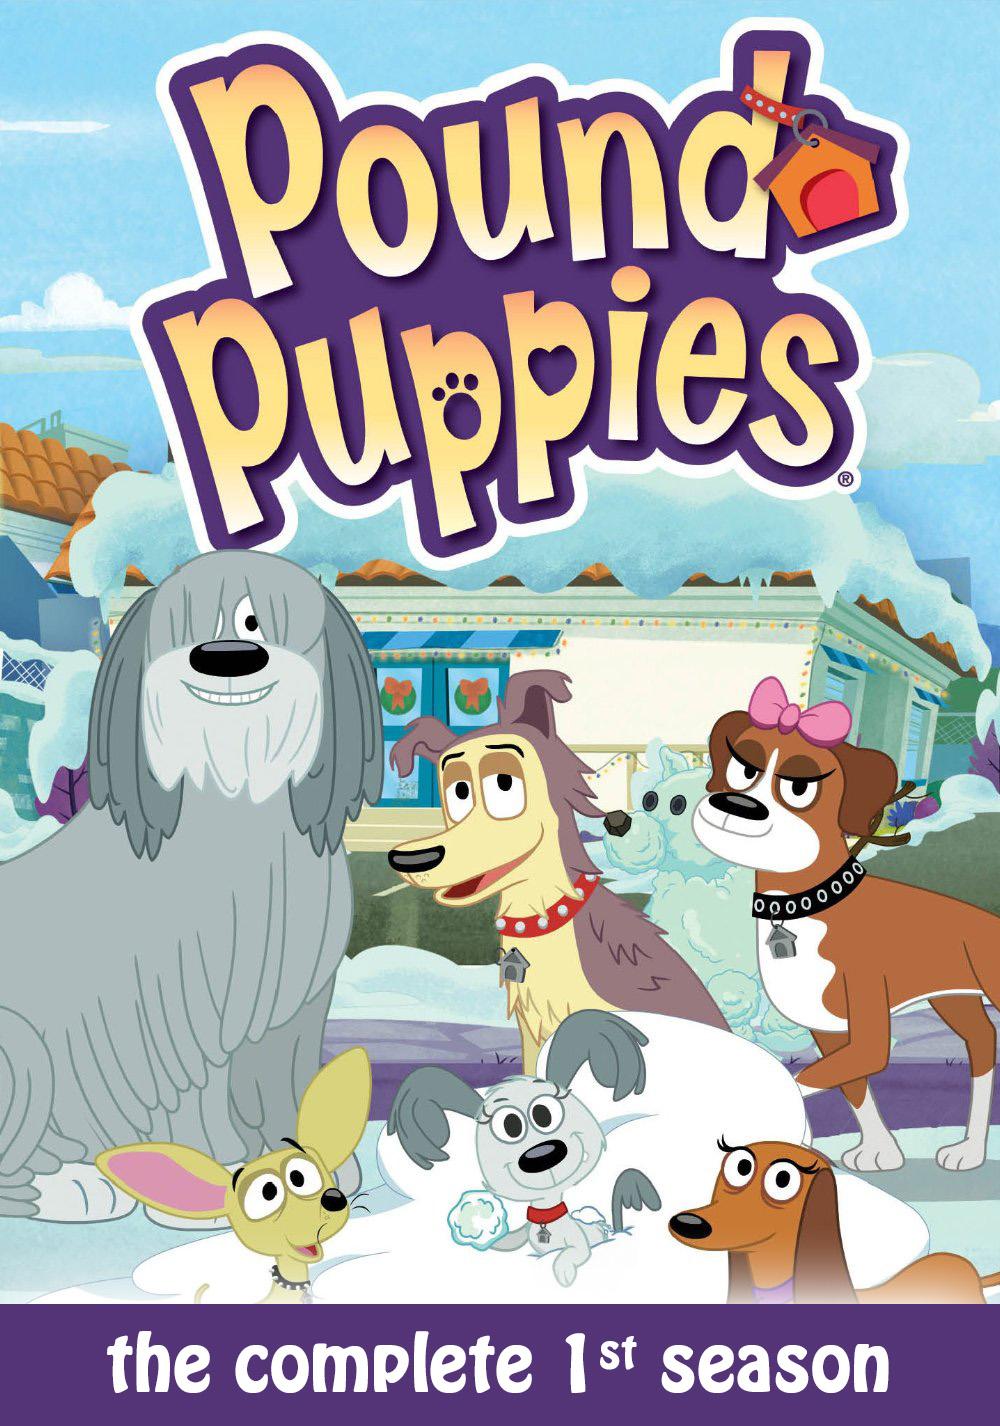 Pound Puppies 2010 TV fanart